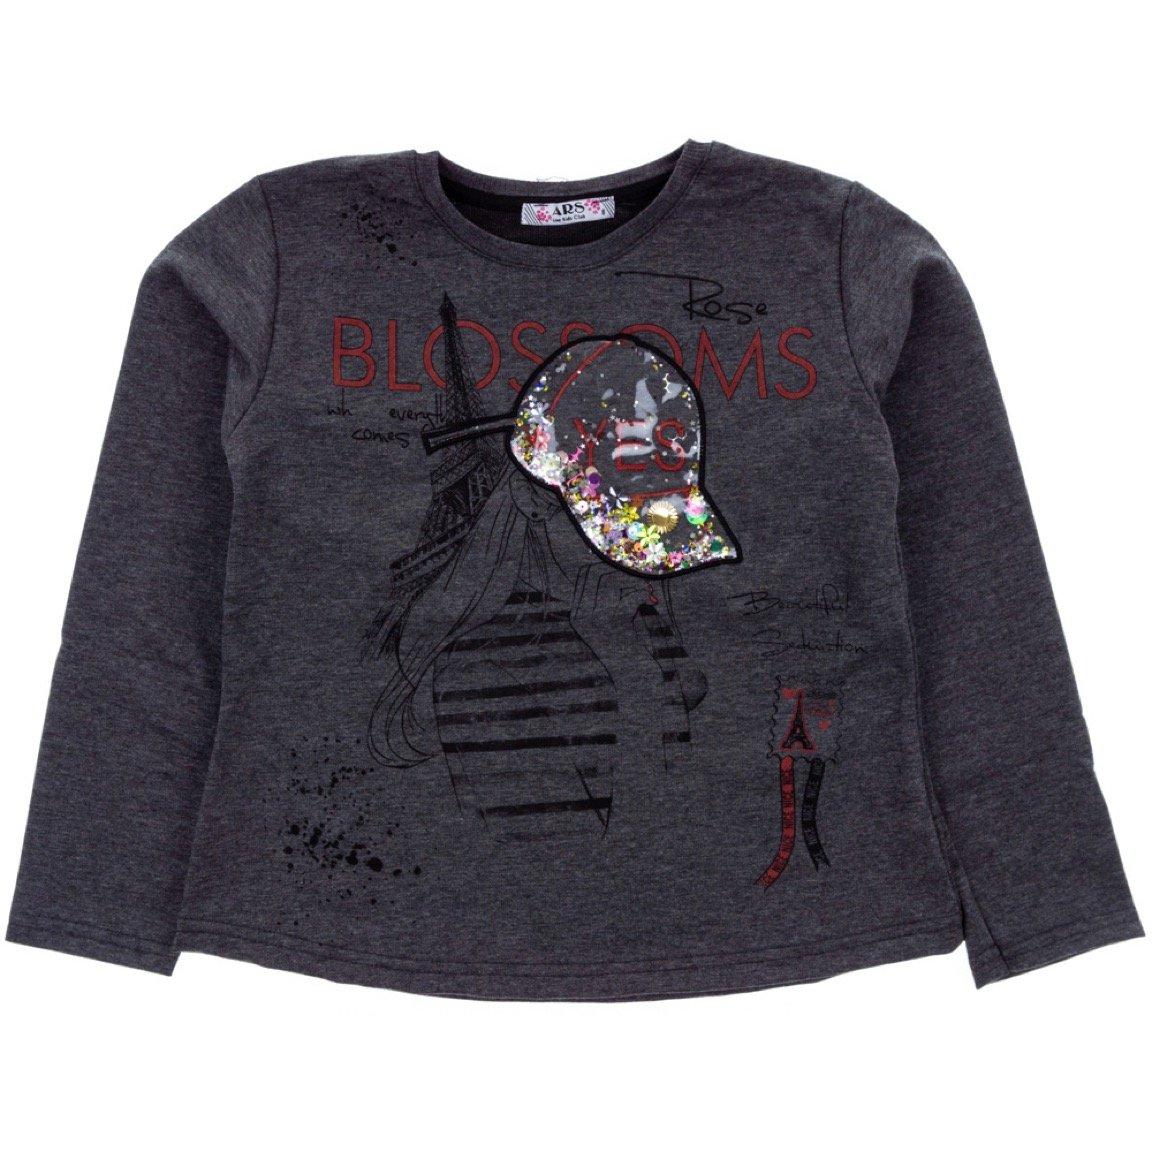 ARS παιδική εποχιακή μπλούζα «Blossoms»